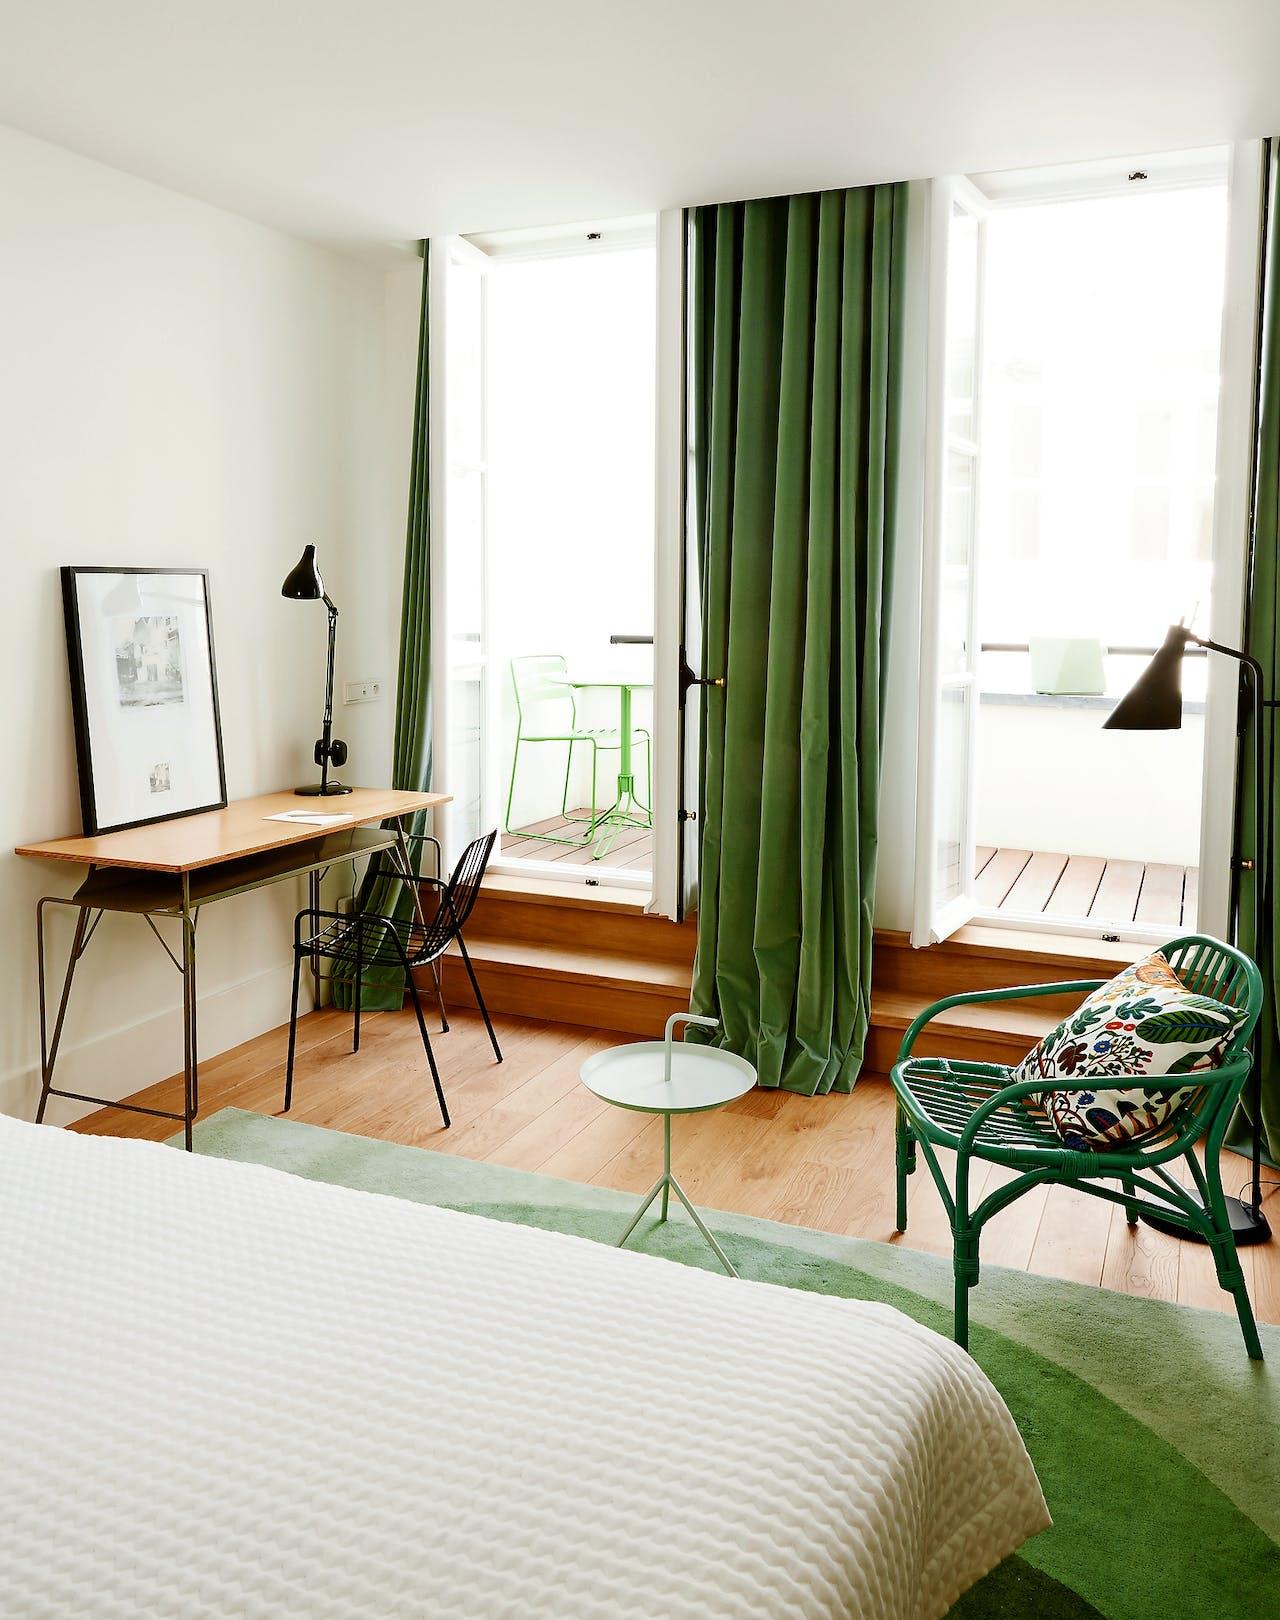 De kamers van Hôtel des Galeries geven een vertrouwd gevoel.